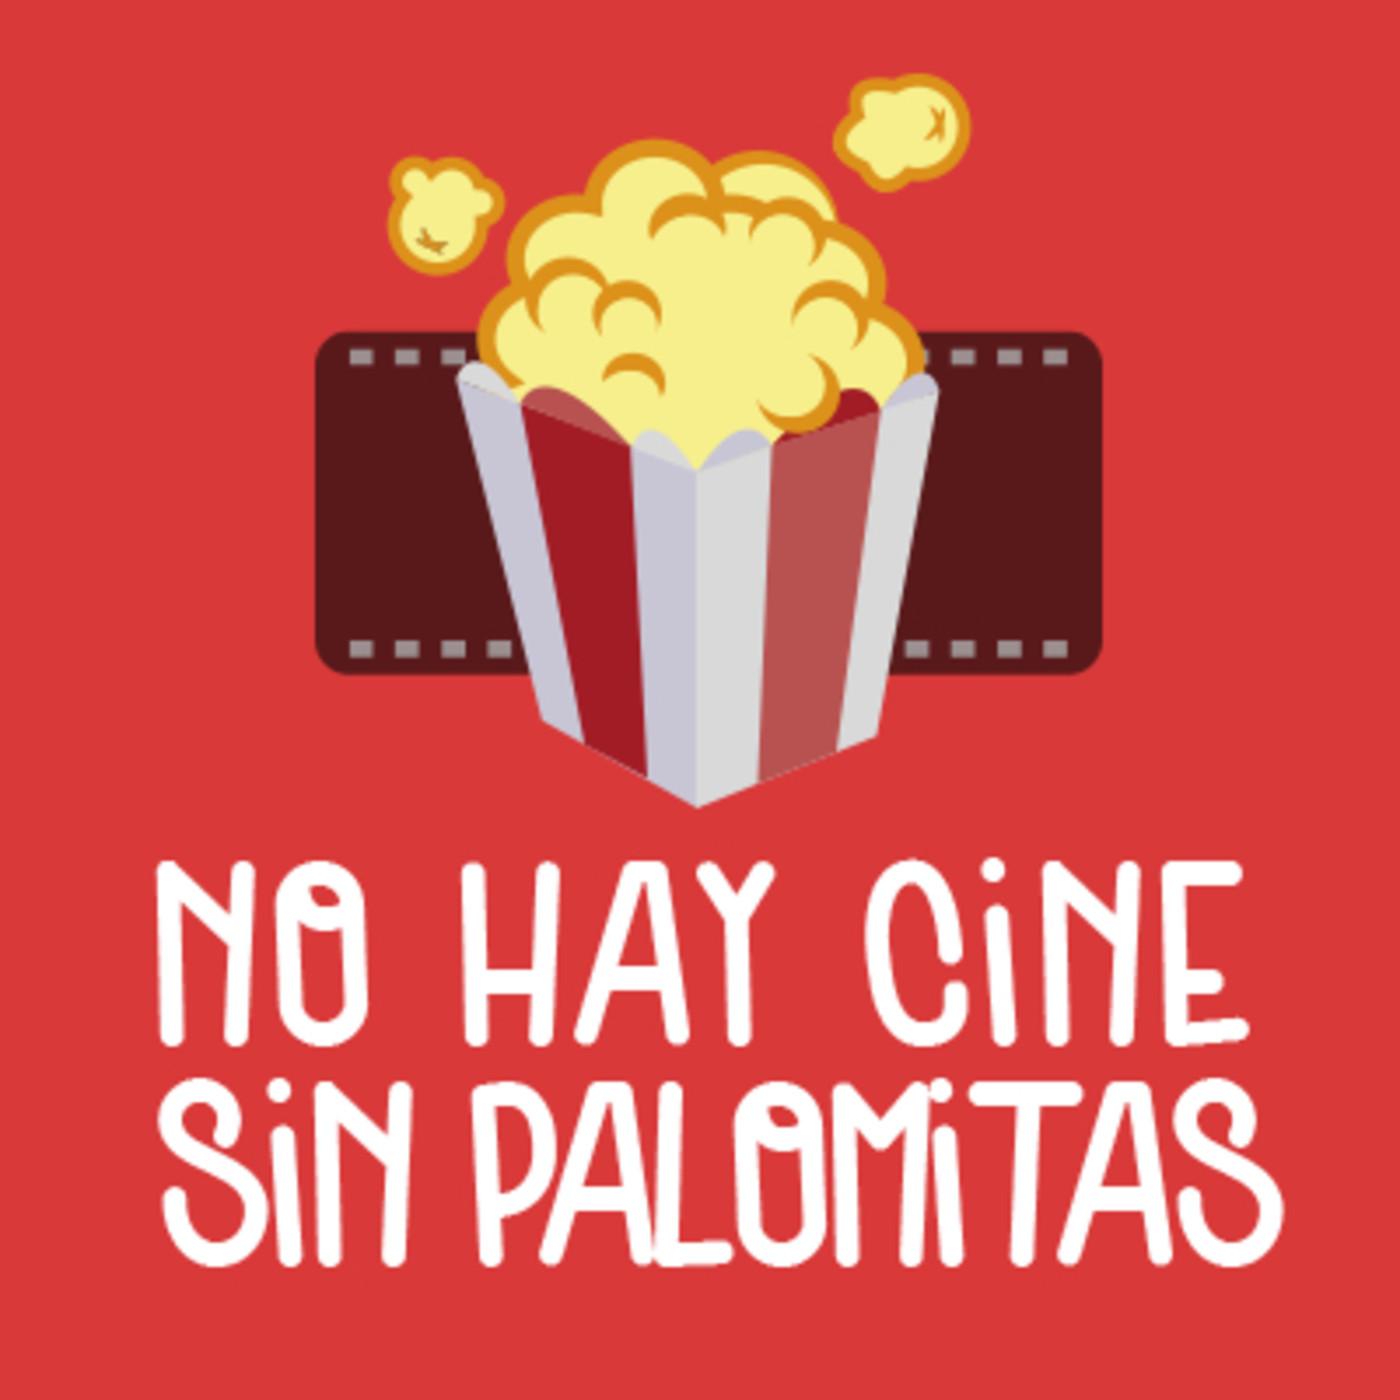 <![CDATA[Podcast de No Hay Cine Sin Palomitas]]>